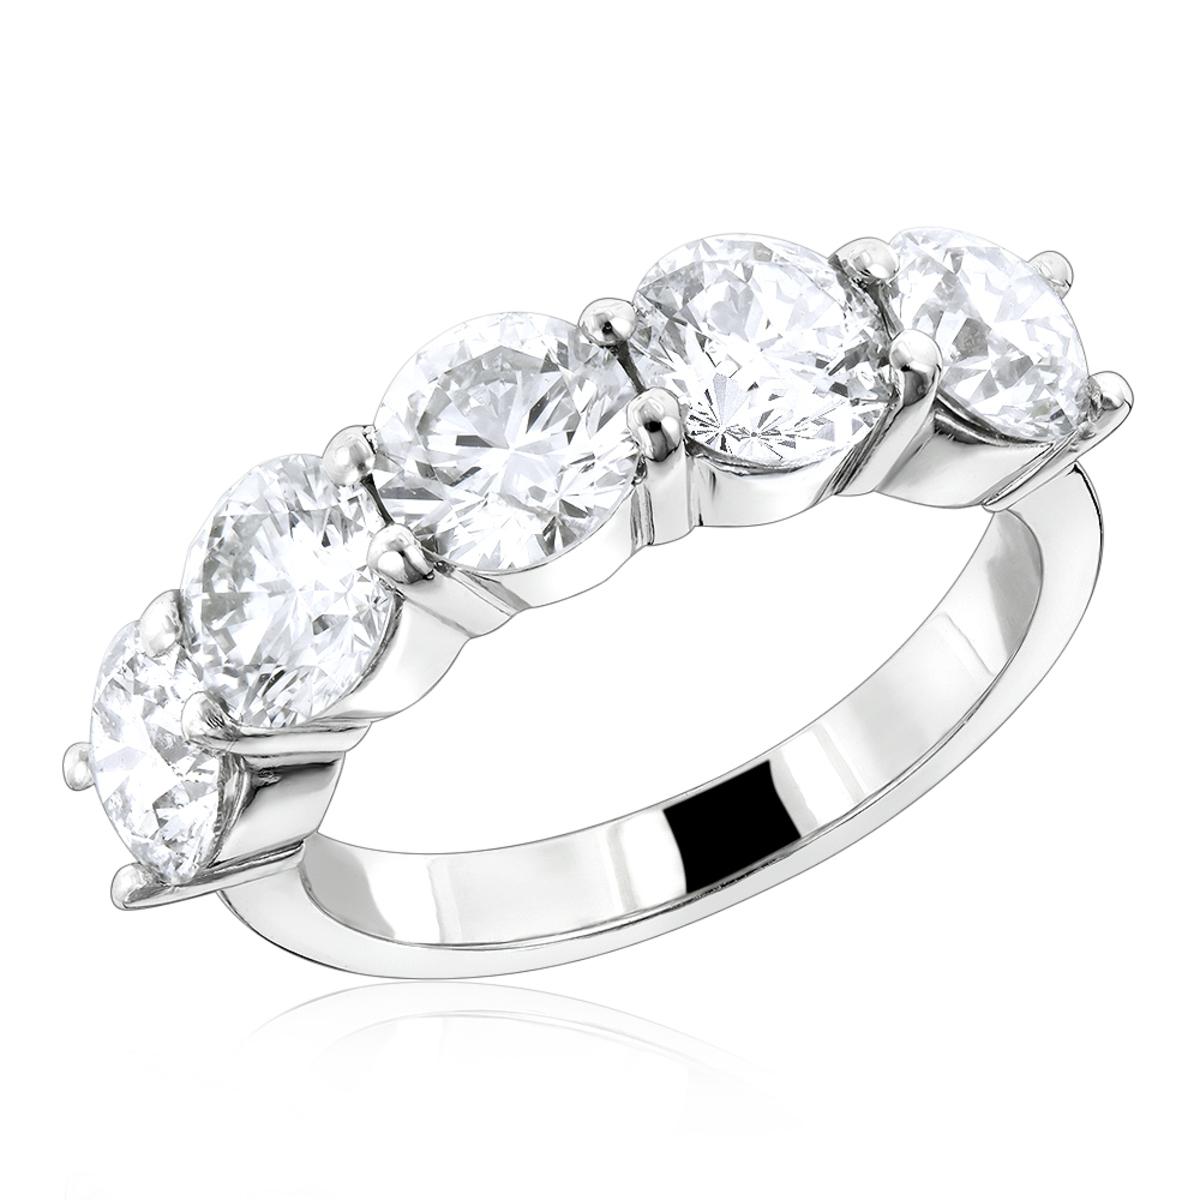 5 Stone Large Diamond Ring 3.75ct 14K Designer Anniversary Jewelry